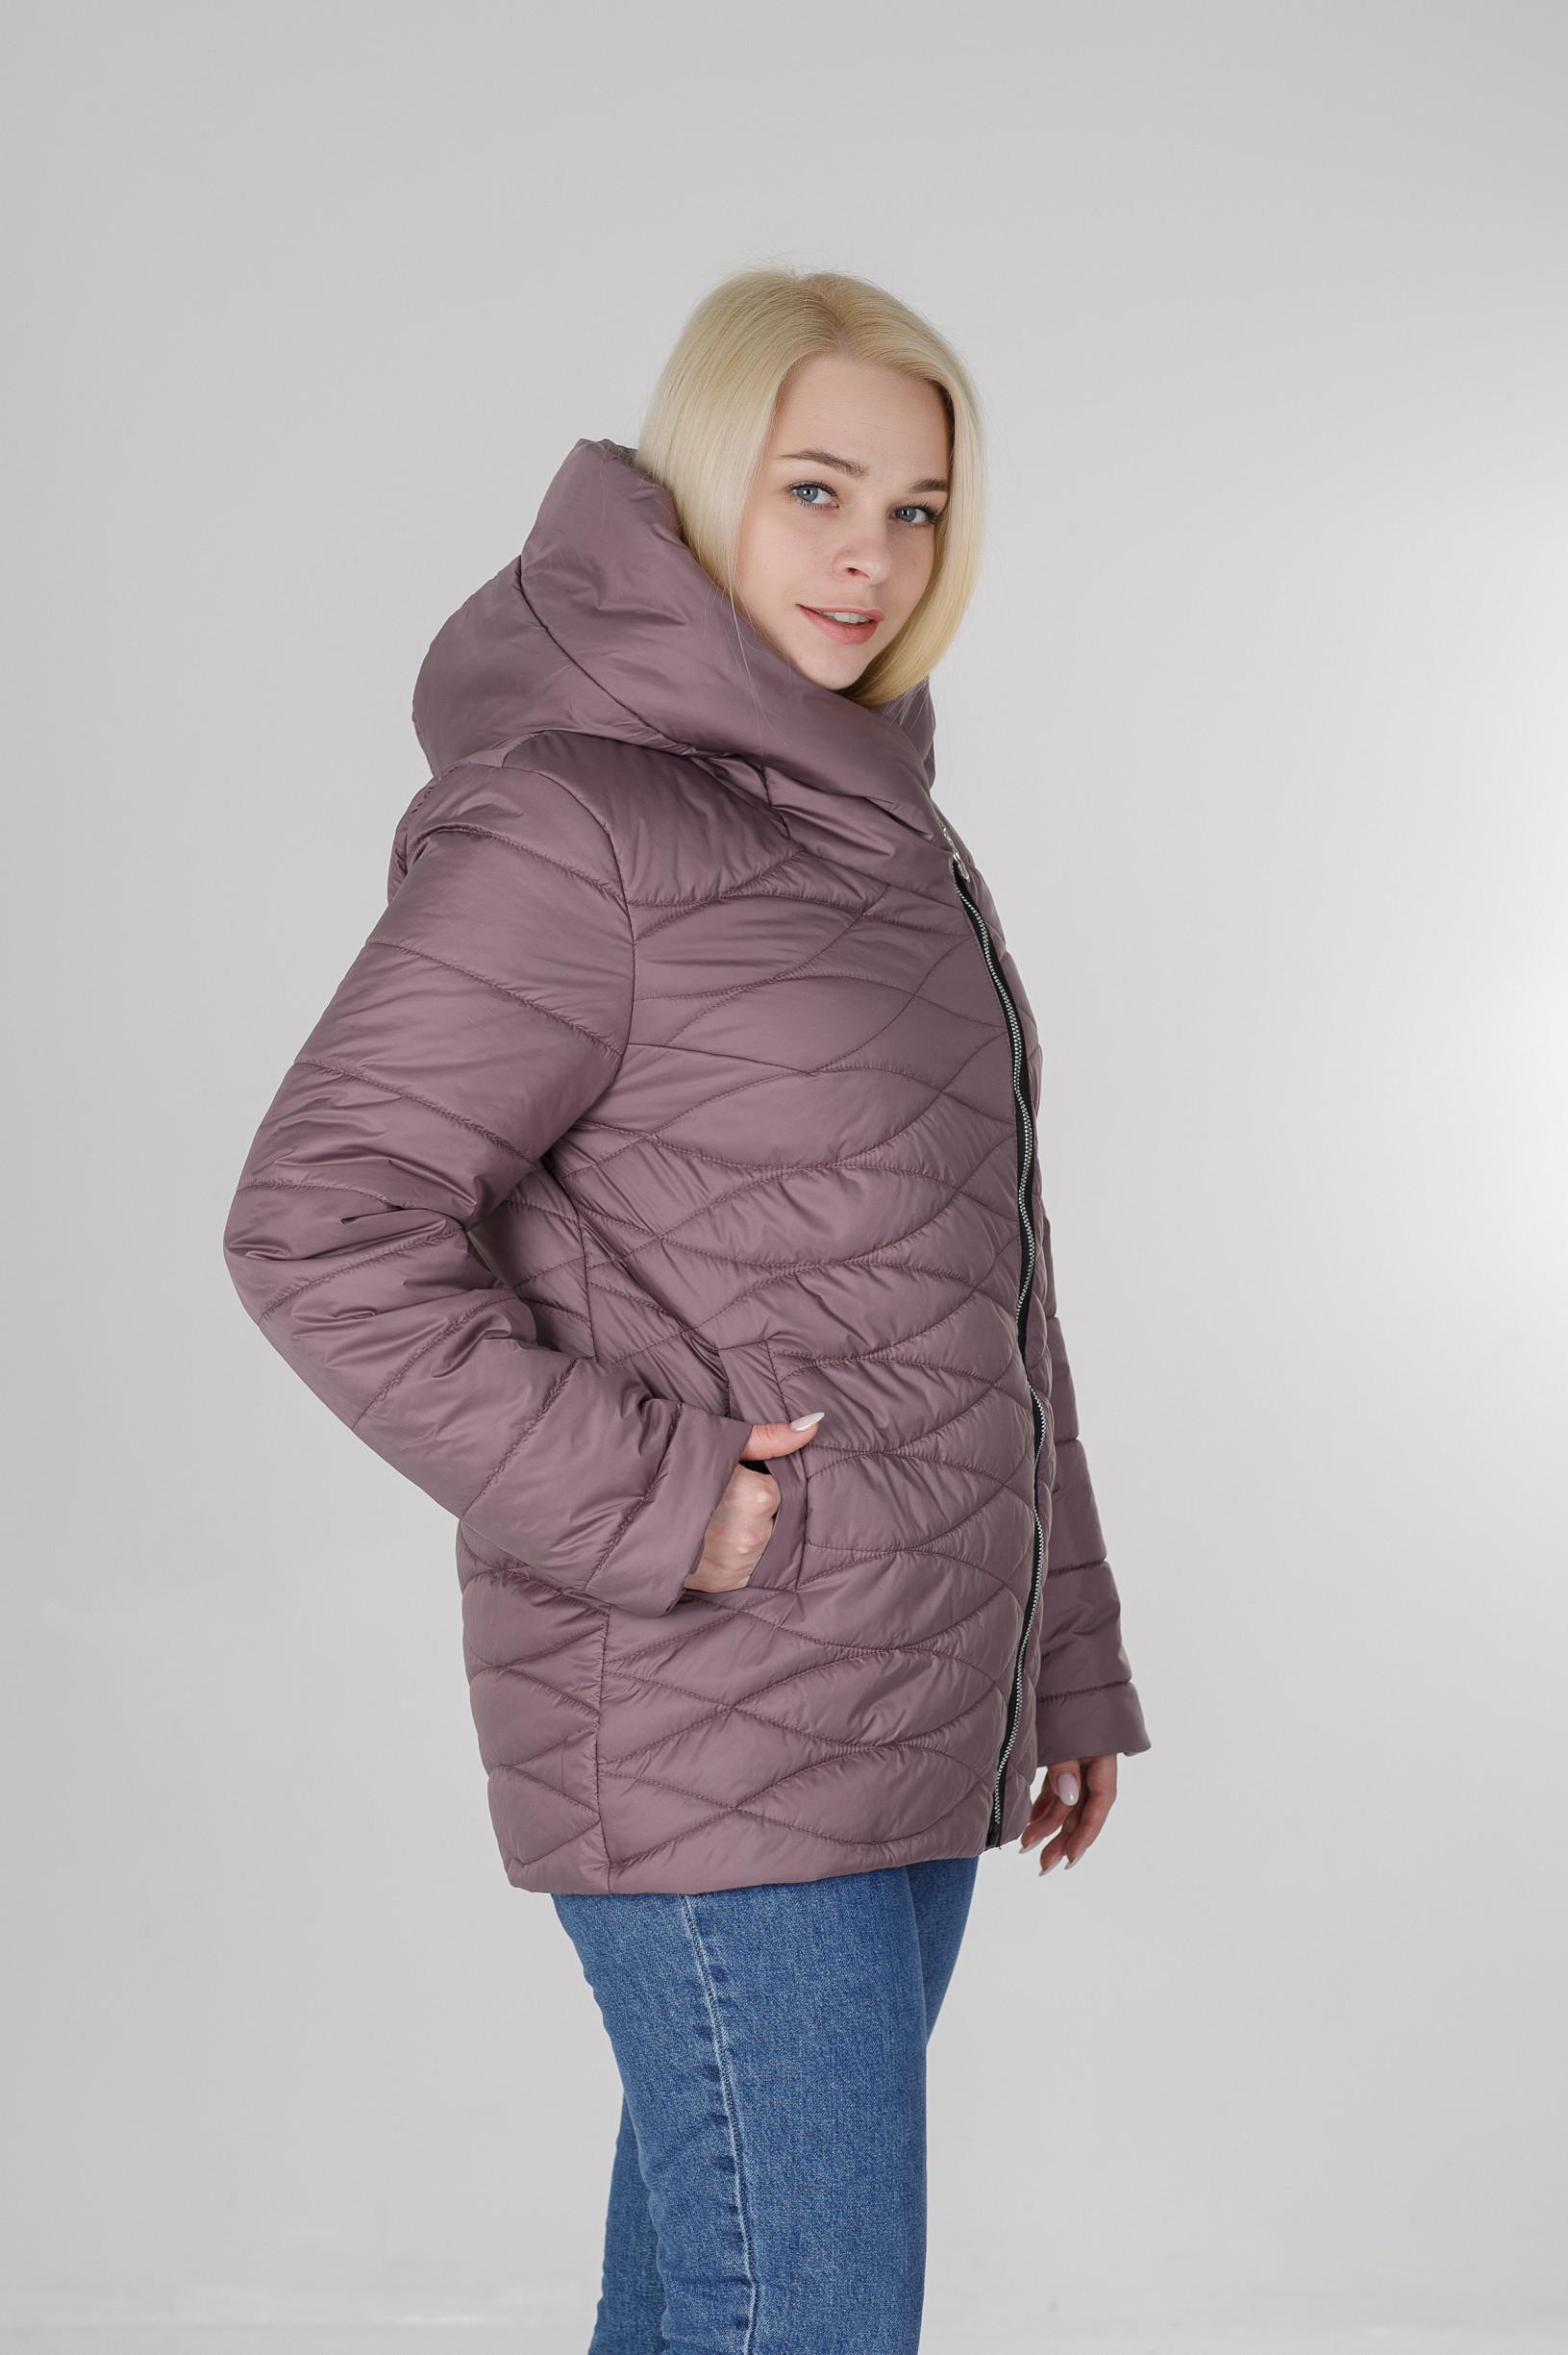 Ассиметричная демисезонная женская куртка Надин розовая